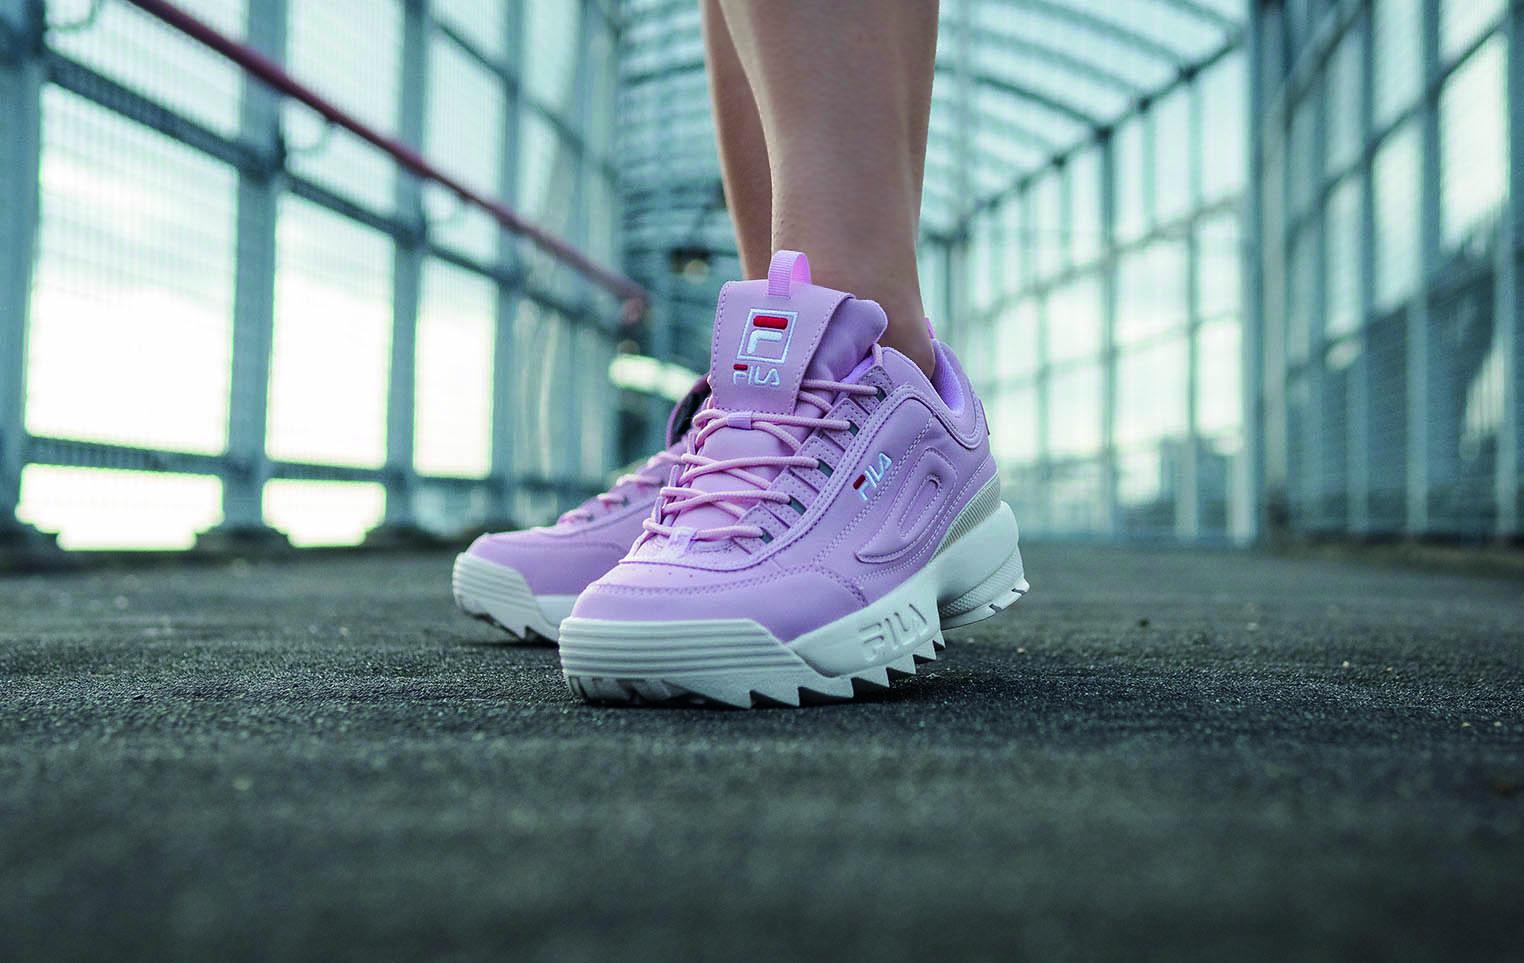 Fila pink hiking style